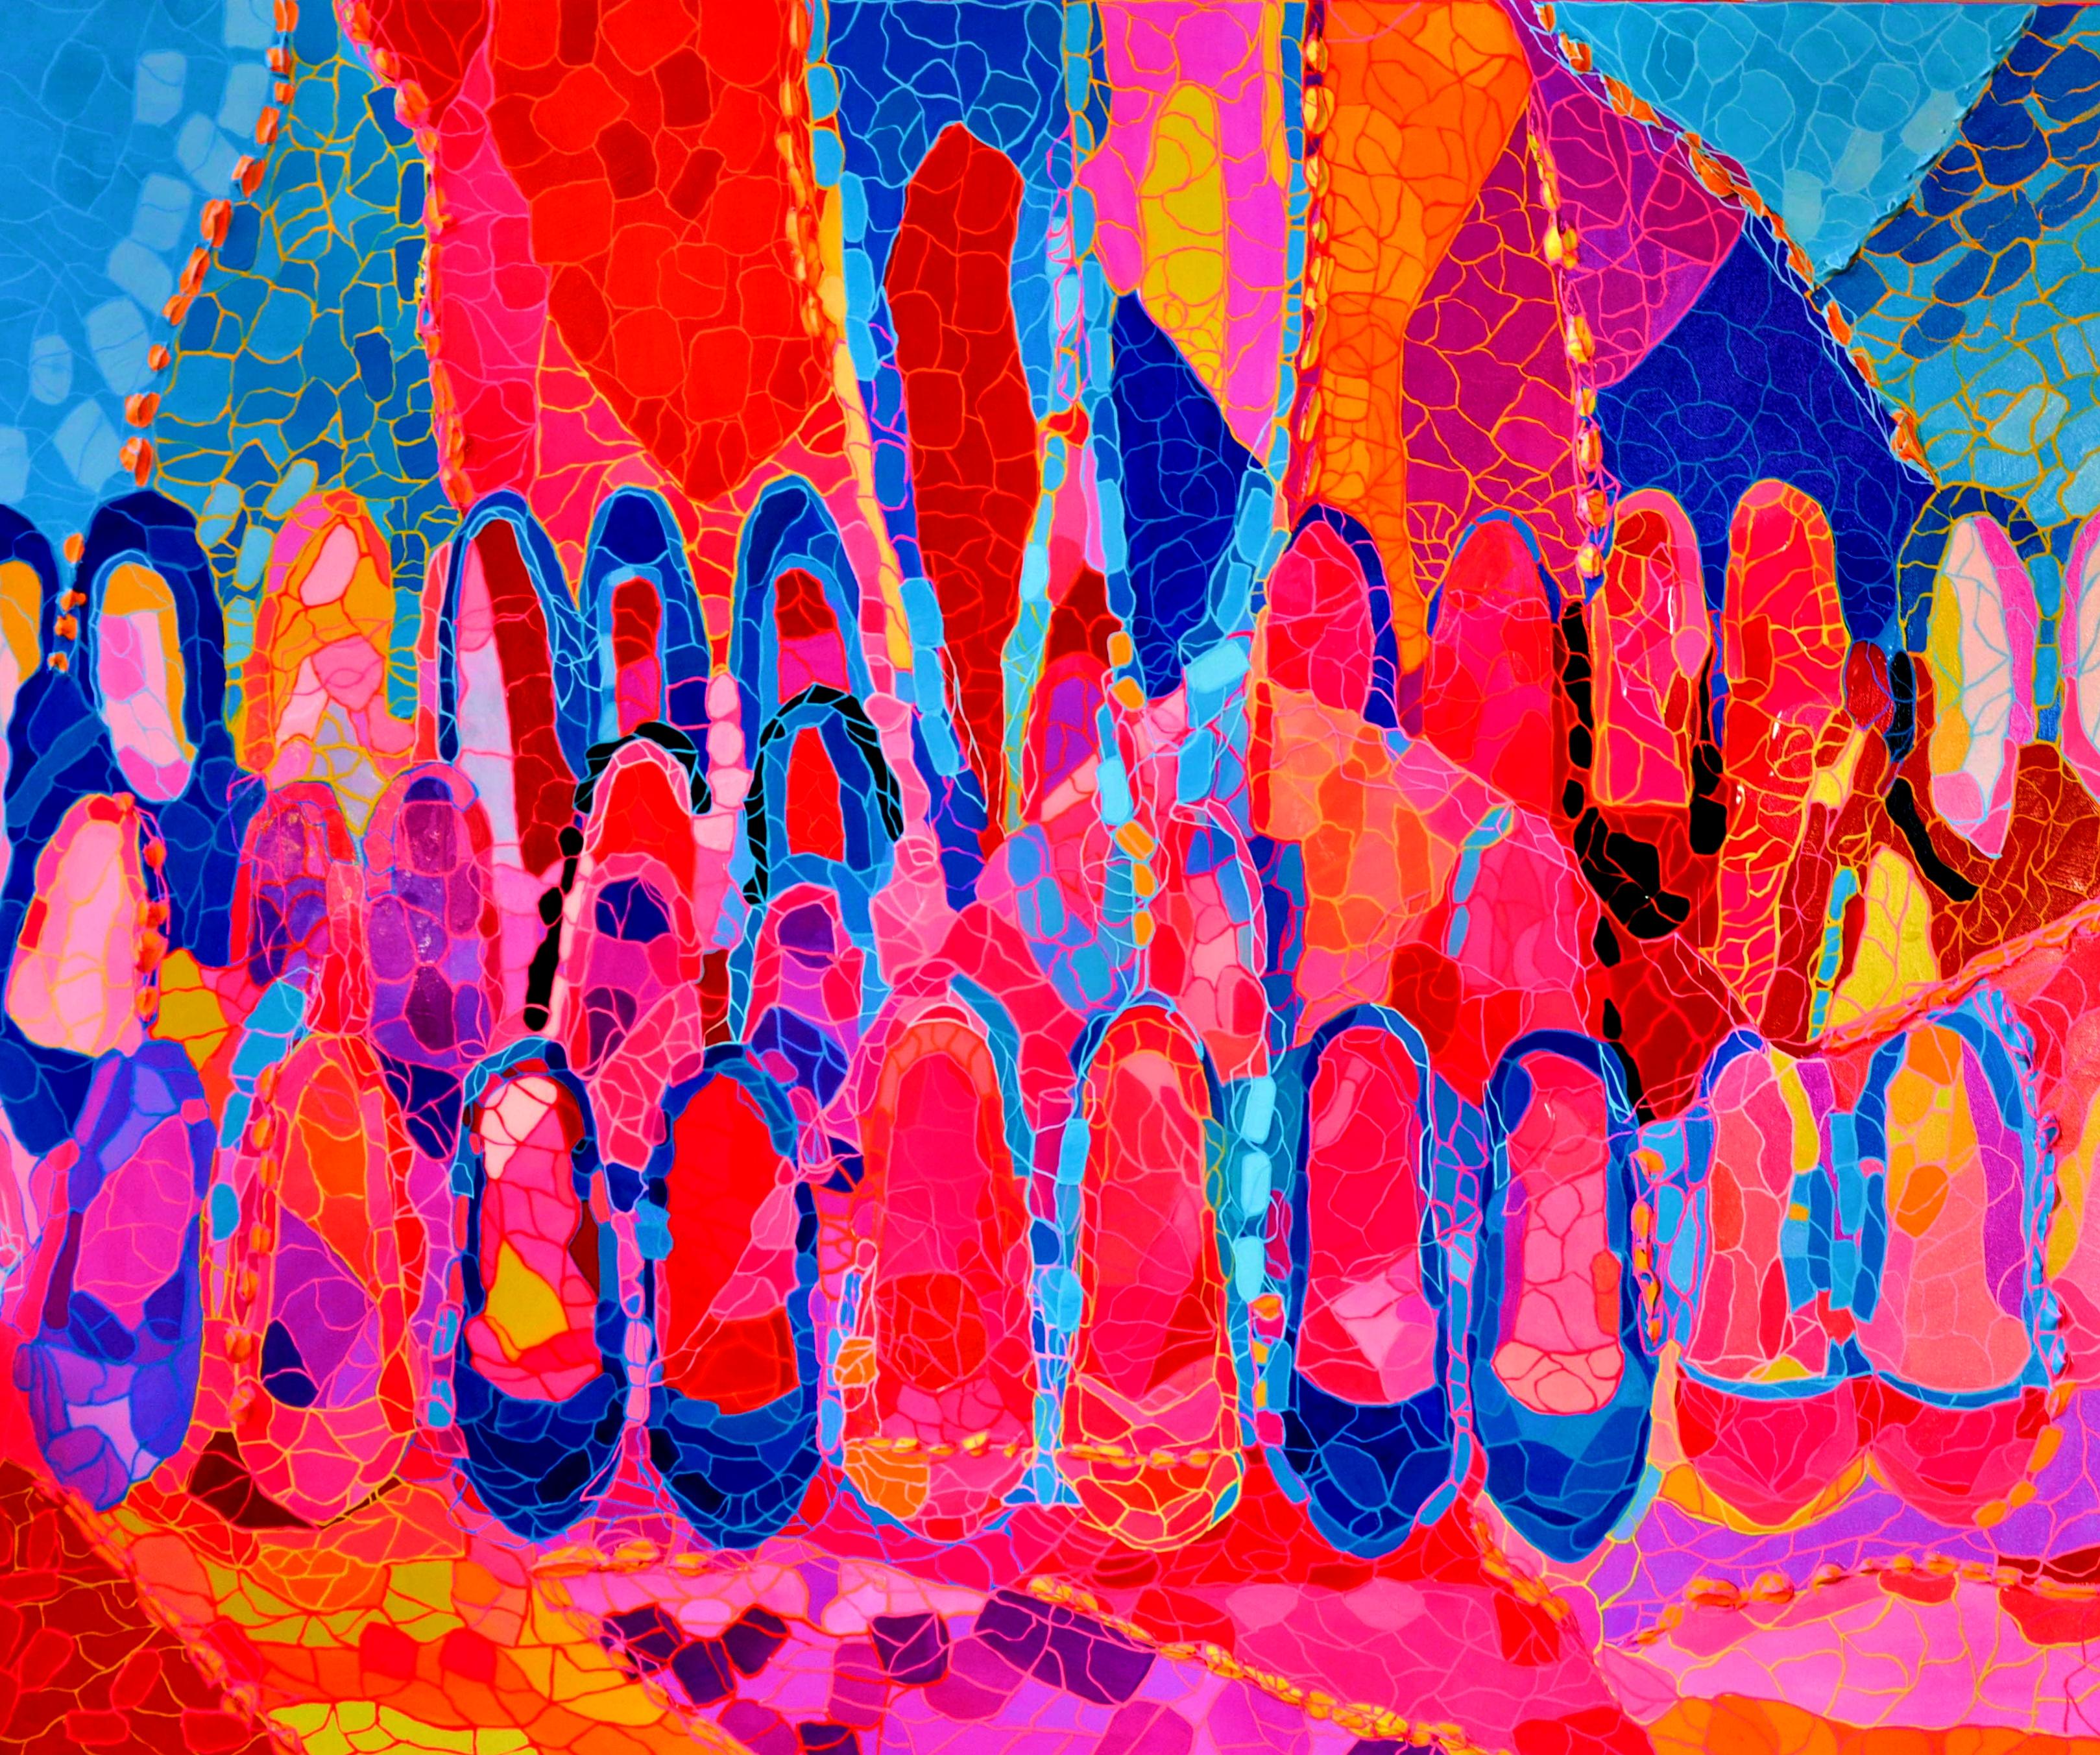 100X120 Acrylic on canvas